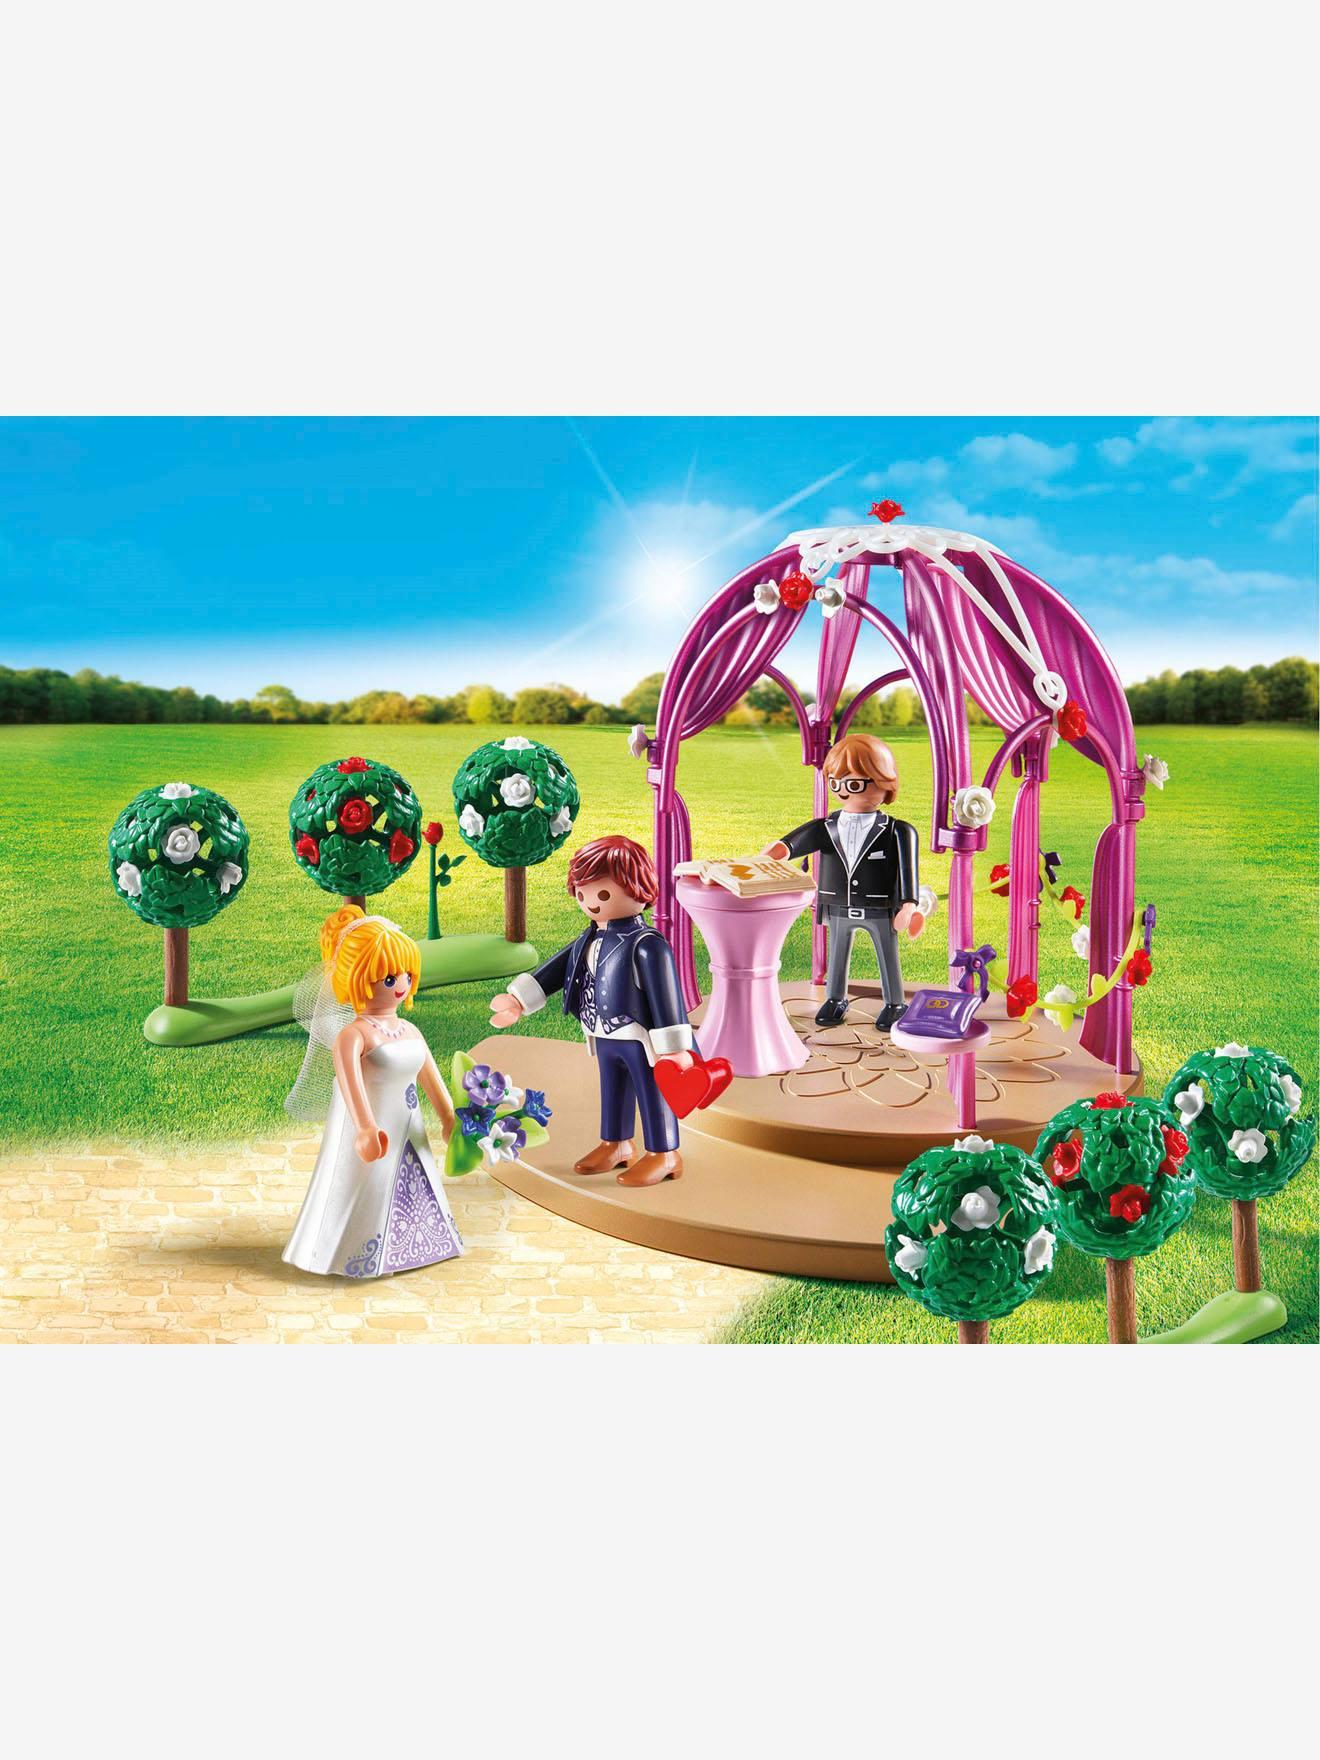 Mariage Rose De 9229 Pavillon Playmobil VpUGqSMLz